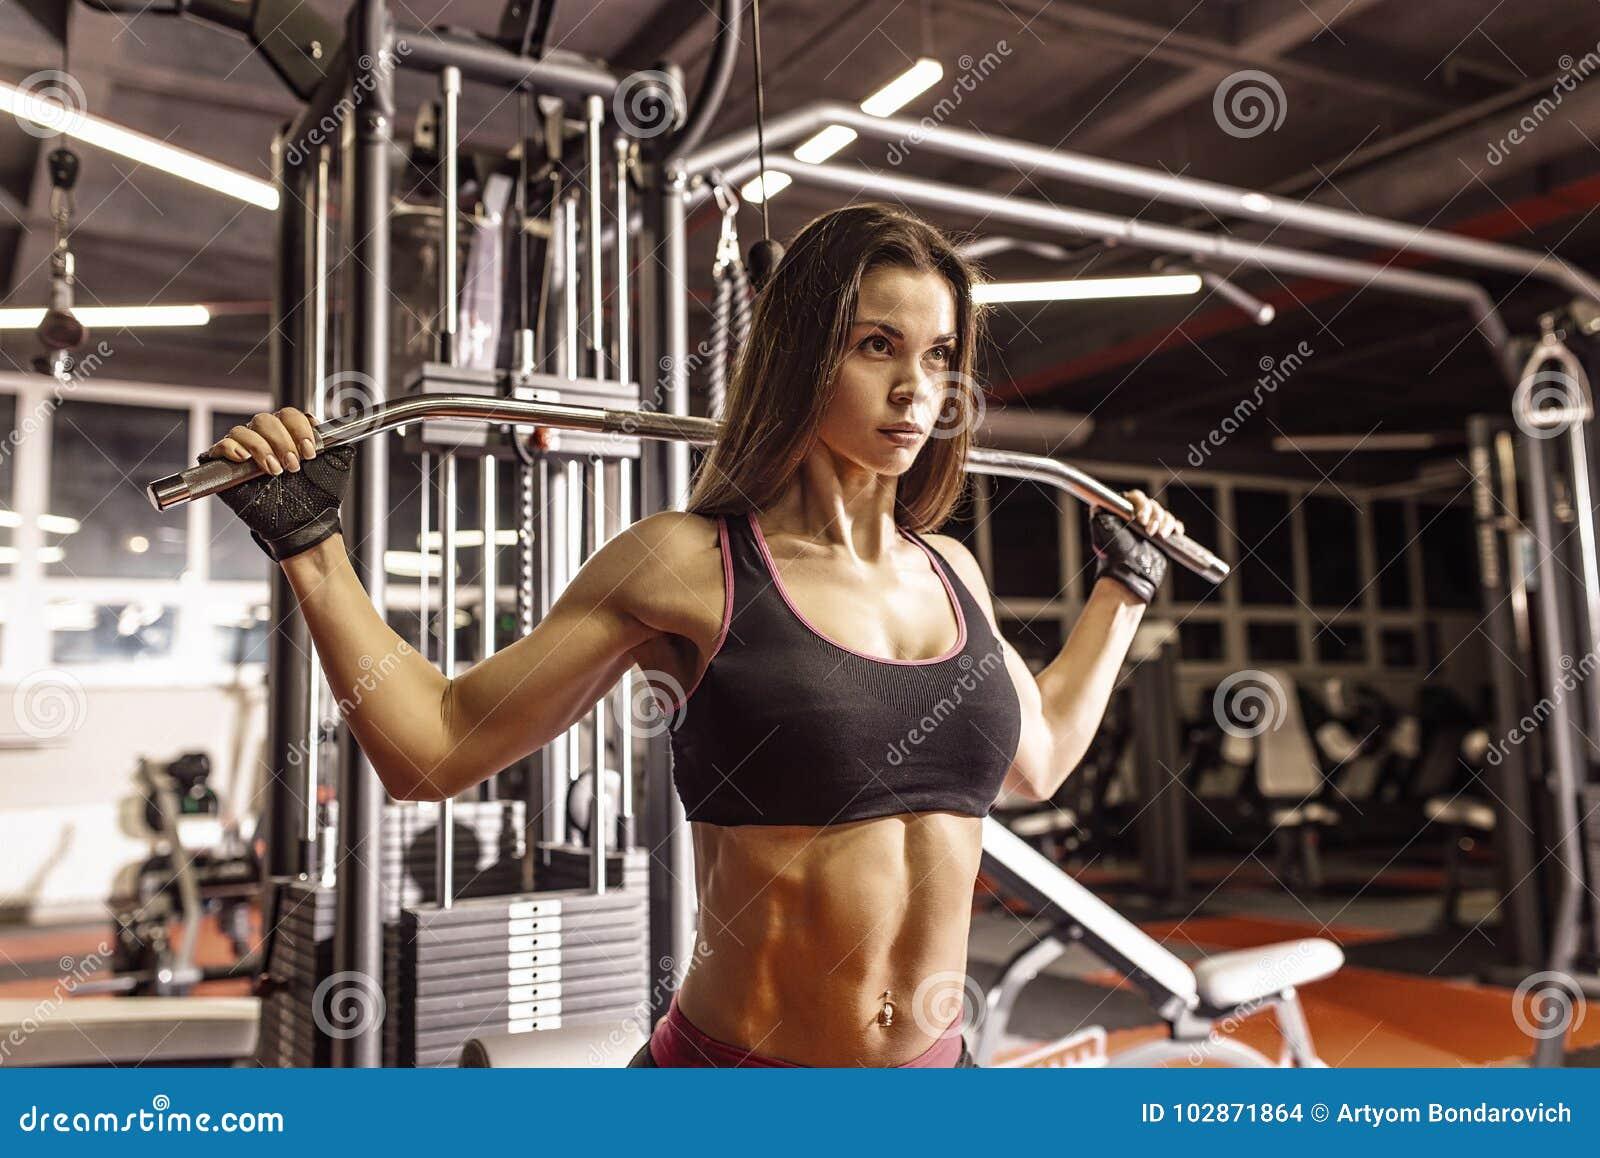 Idrottsman nenflicka i sportswear som utarbetar och utbildar henne armar och skuldror med övningsmaskinen i idrottshall